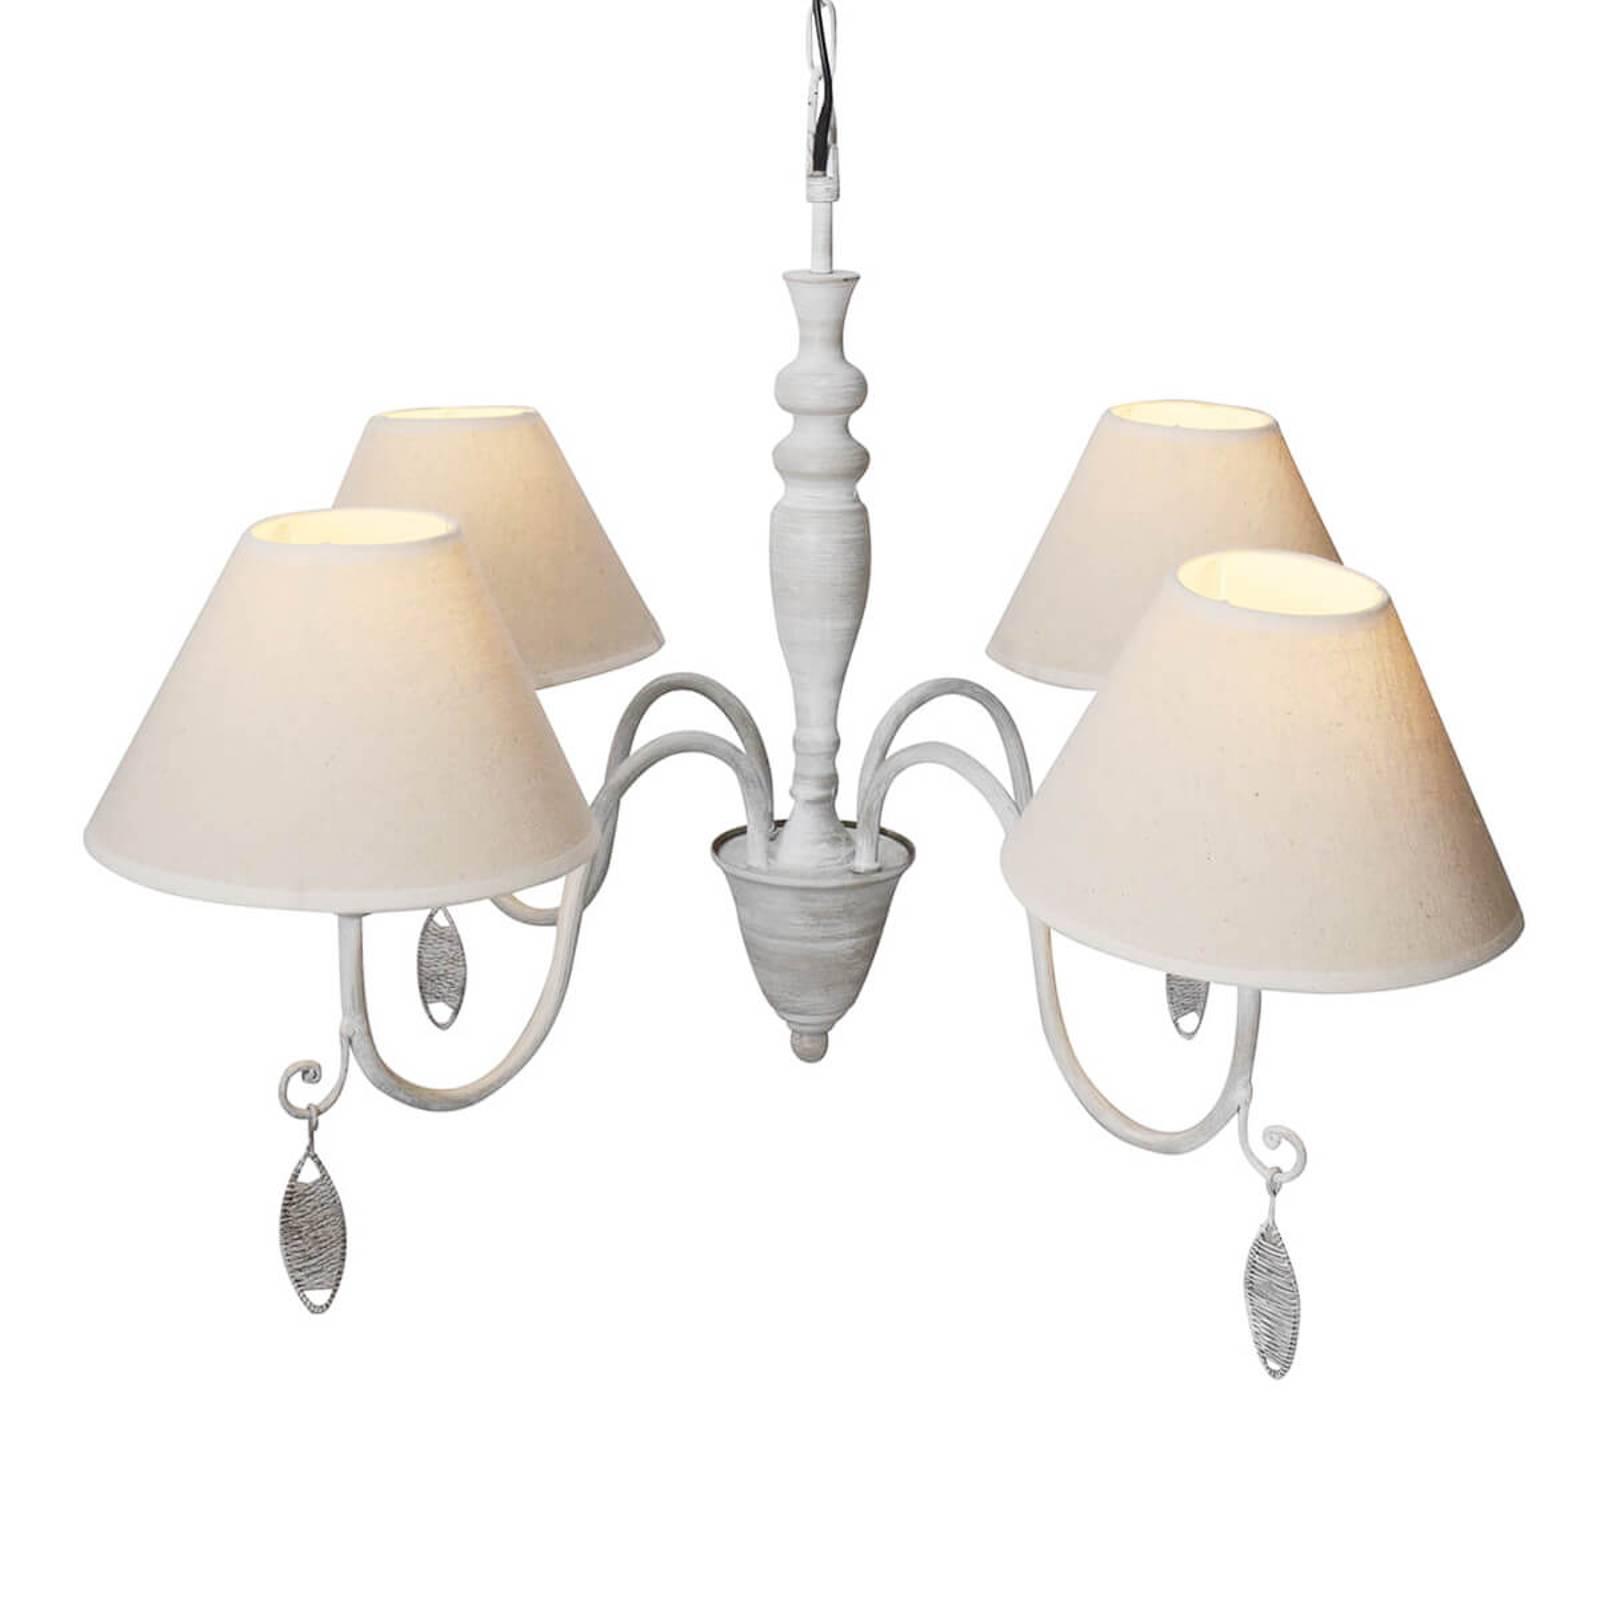 beige weihnachtsbeleuchtung und weitere lampen g nstig online kaufen bei i love. Black Bedroom Furniture Sets. Home Design Ideas